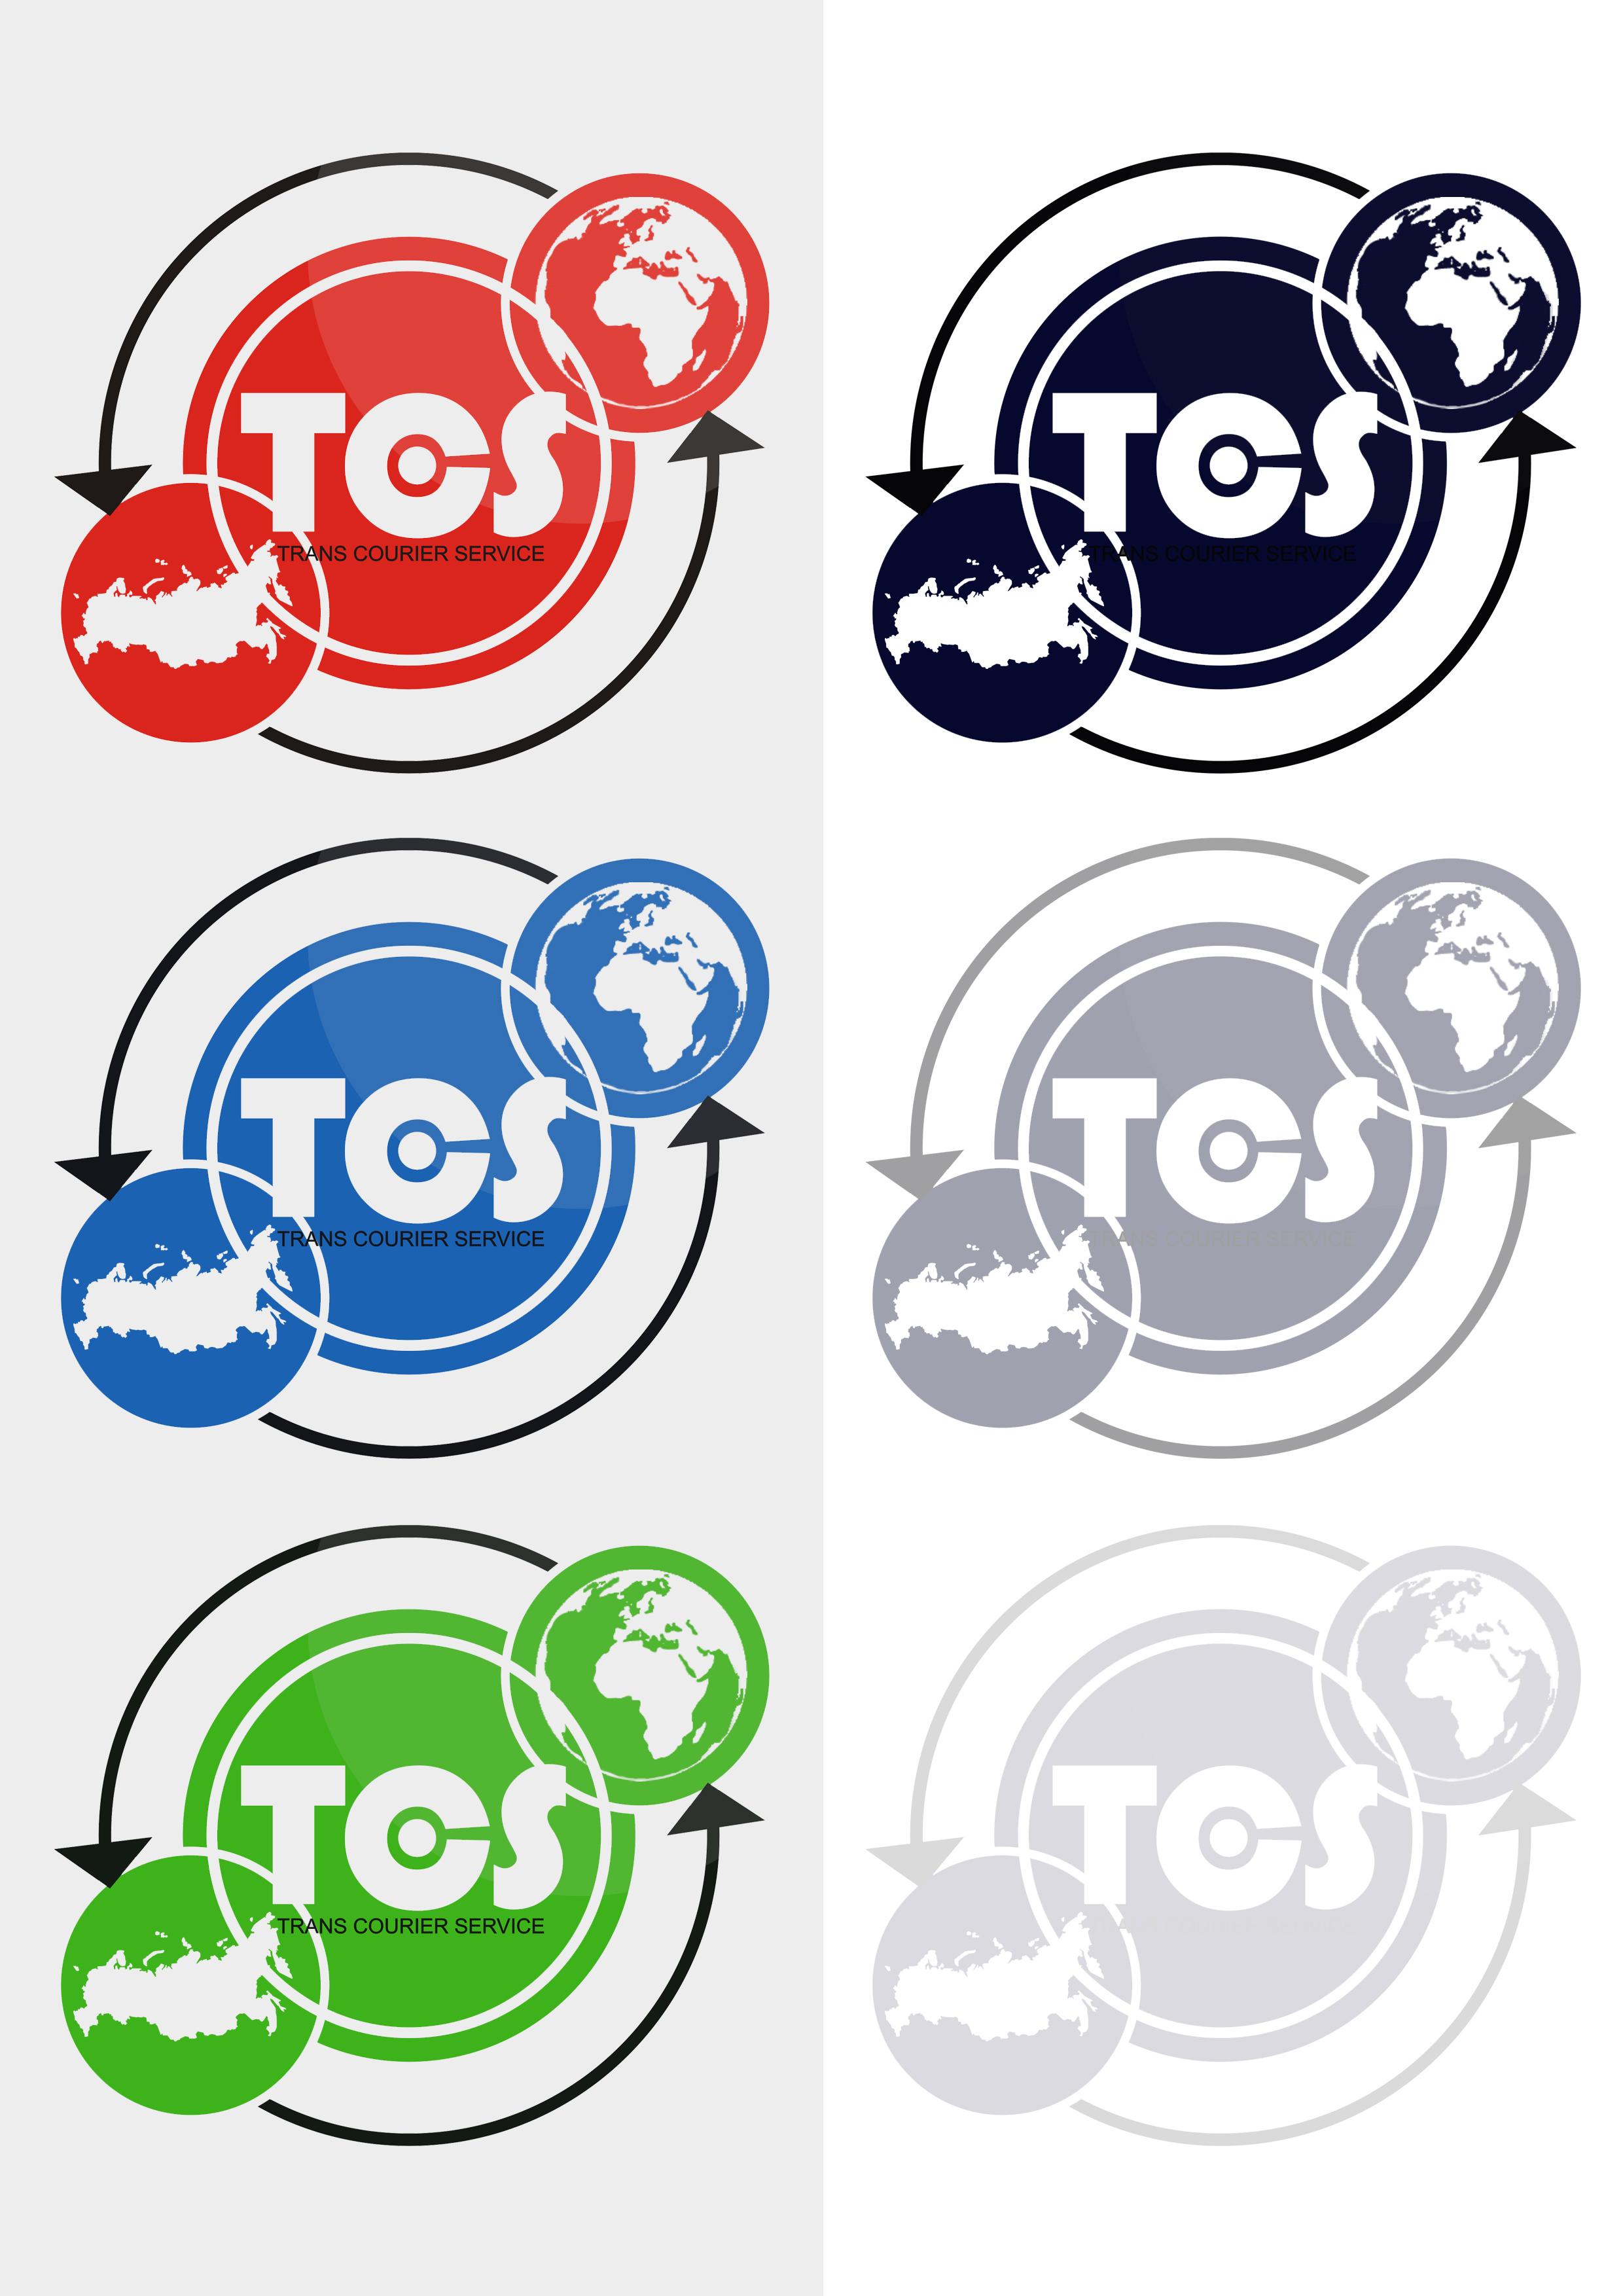 Разработка логотипа и фирменного стиля фото f_64850b0b3ca99ae4.jpg